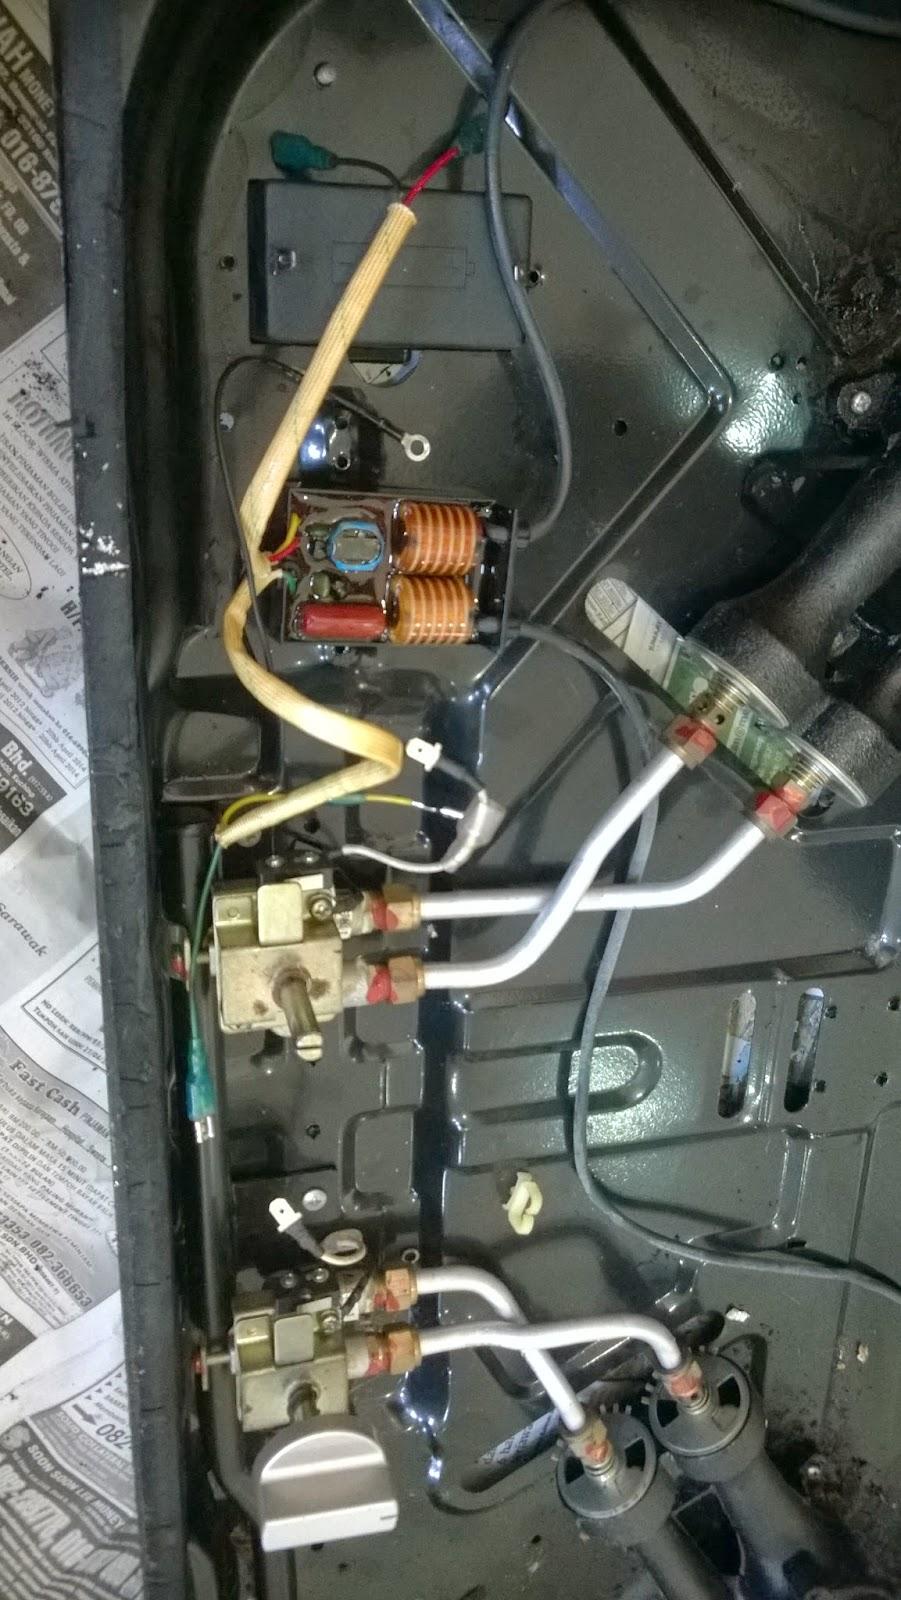 Ini Dia Modul Board Elektroniknya Yang Berfungsi Untuk Menghasilkan Percikan Api Nampaknya Ia Sudah Rosak Dan Setelah Dicari Sparepartnya